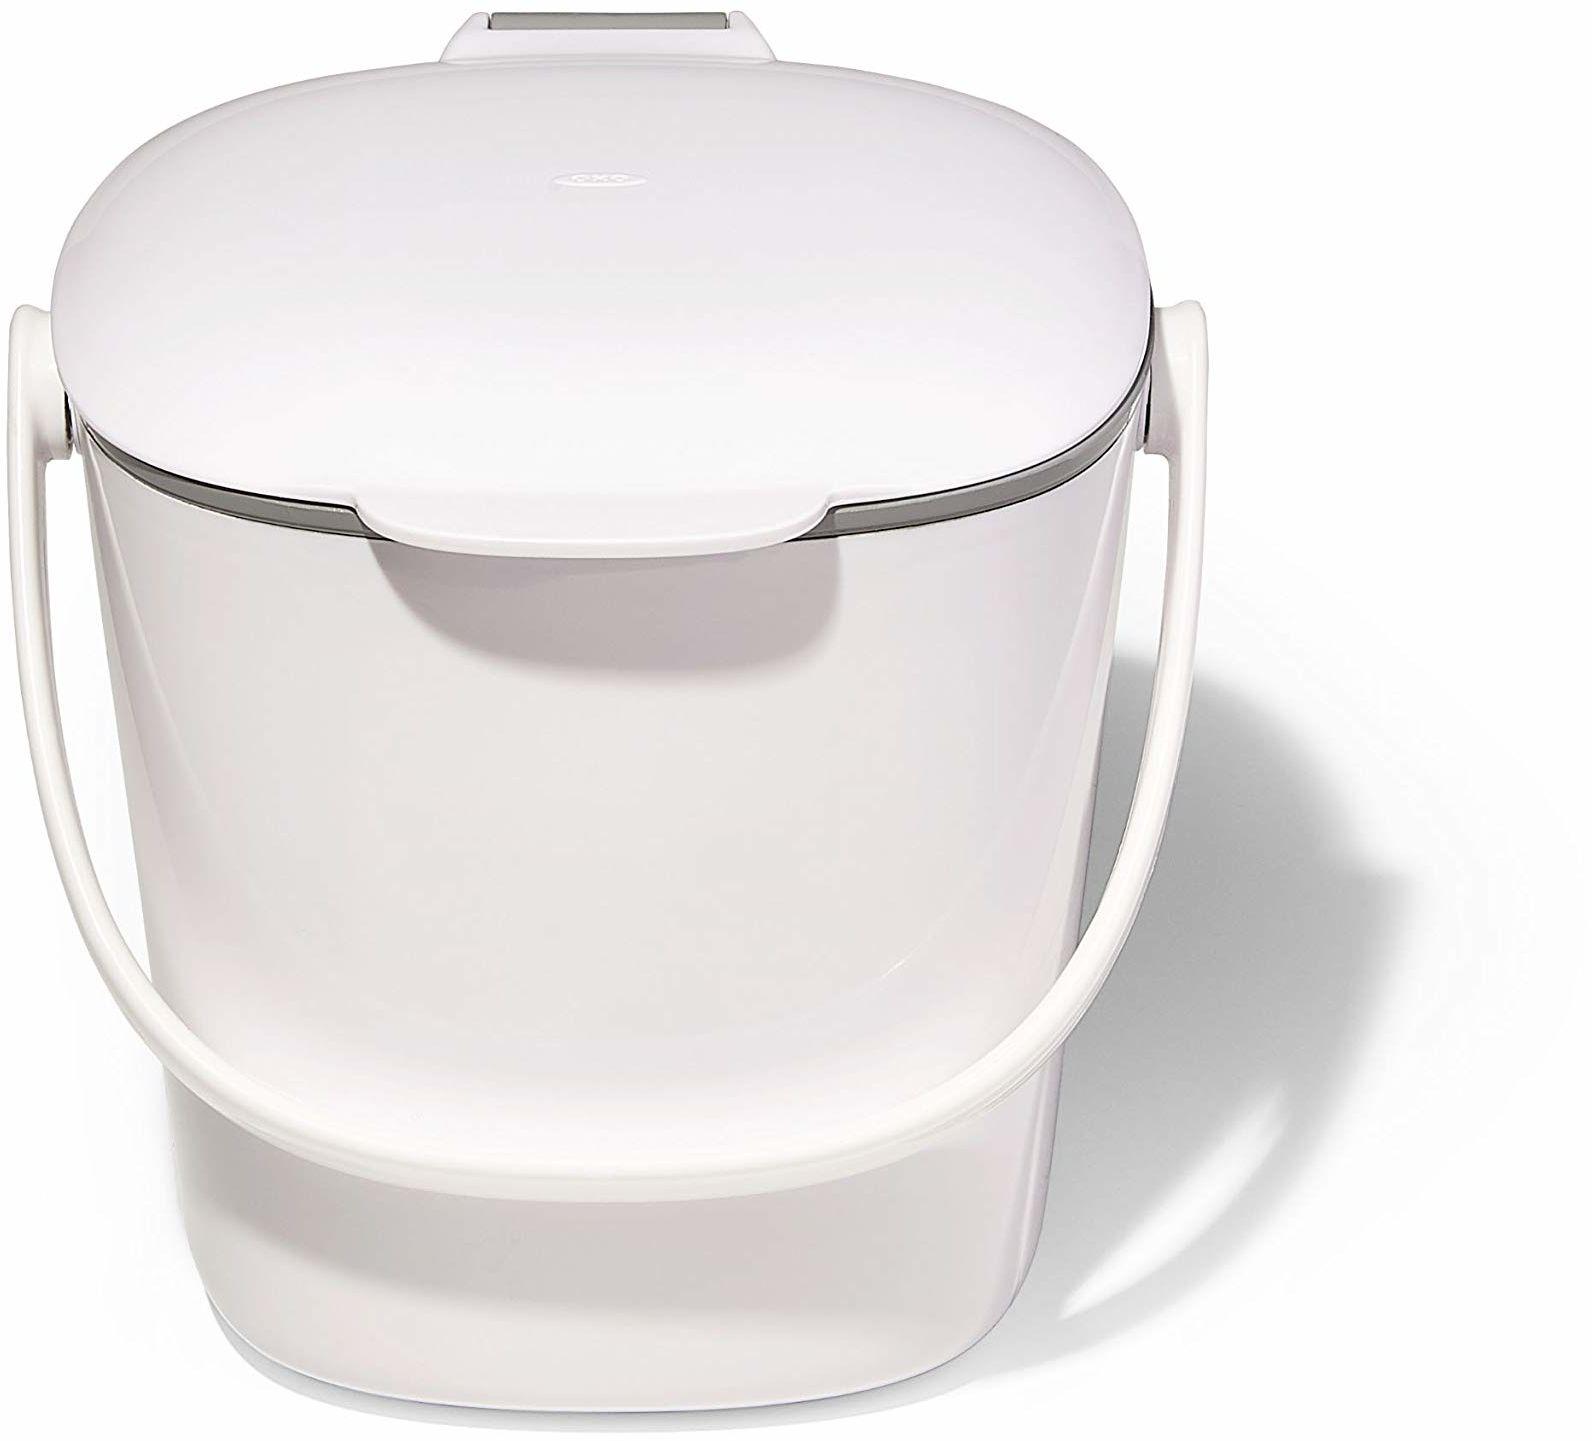 OXO Good Grip, White, 2,83 l OXO Good Grips kosz na kompost, łatwy do czyszczenia, biały, 2,83 l